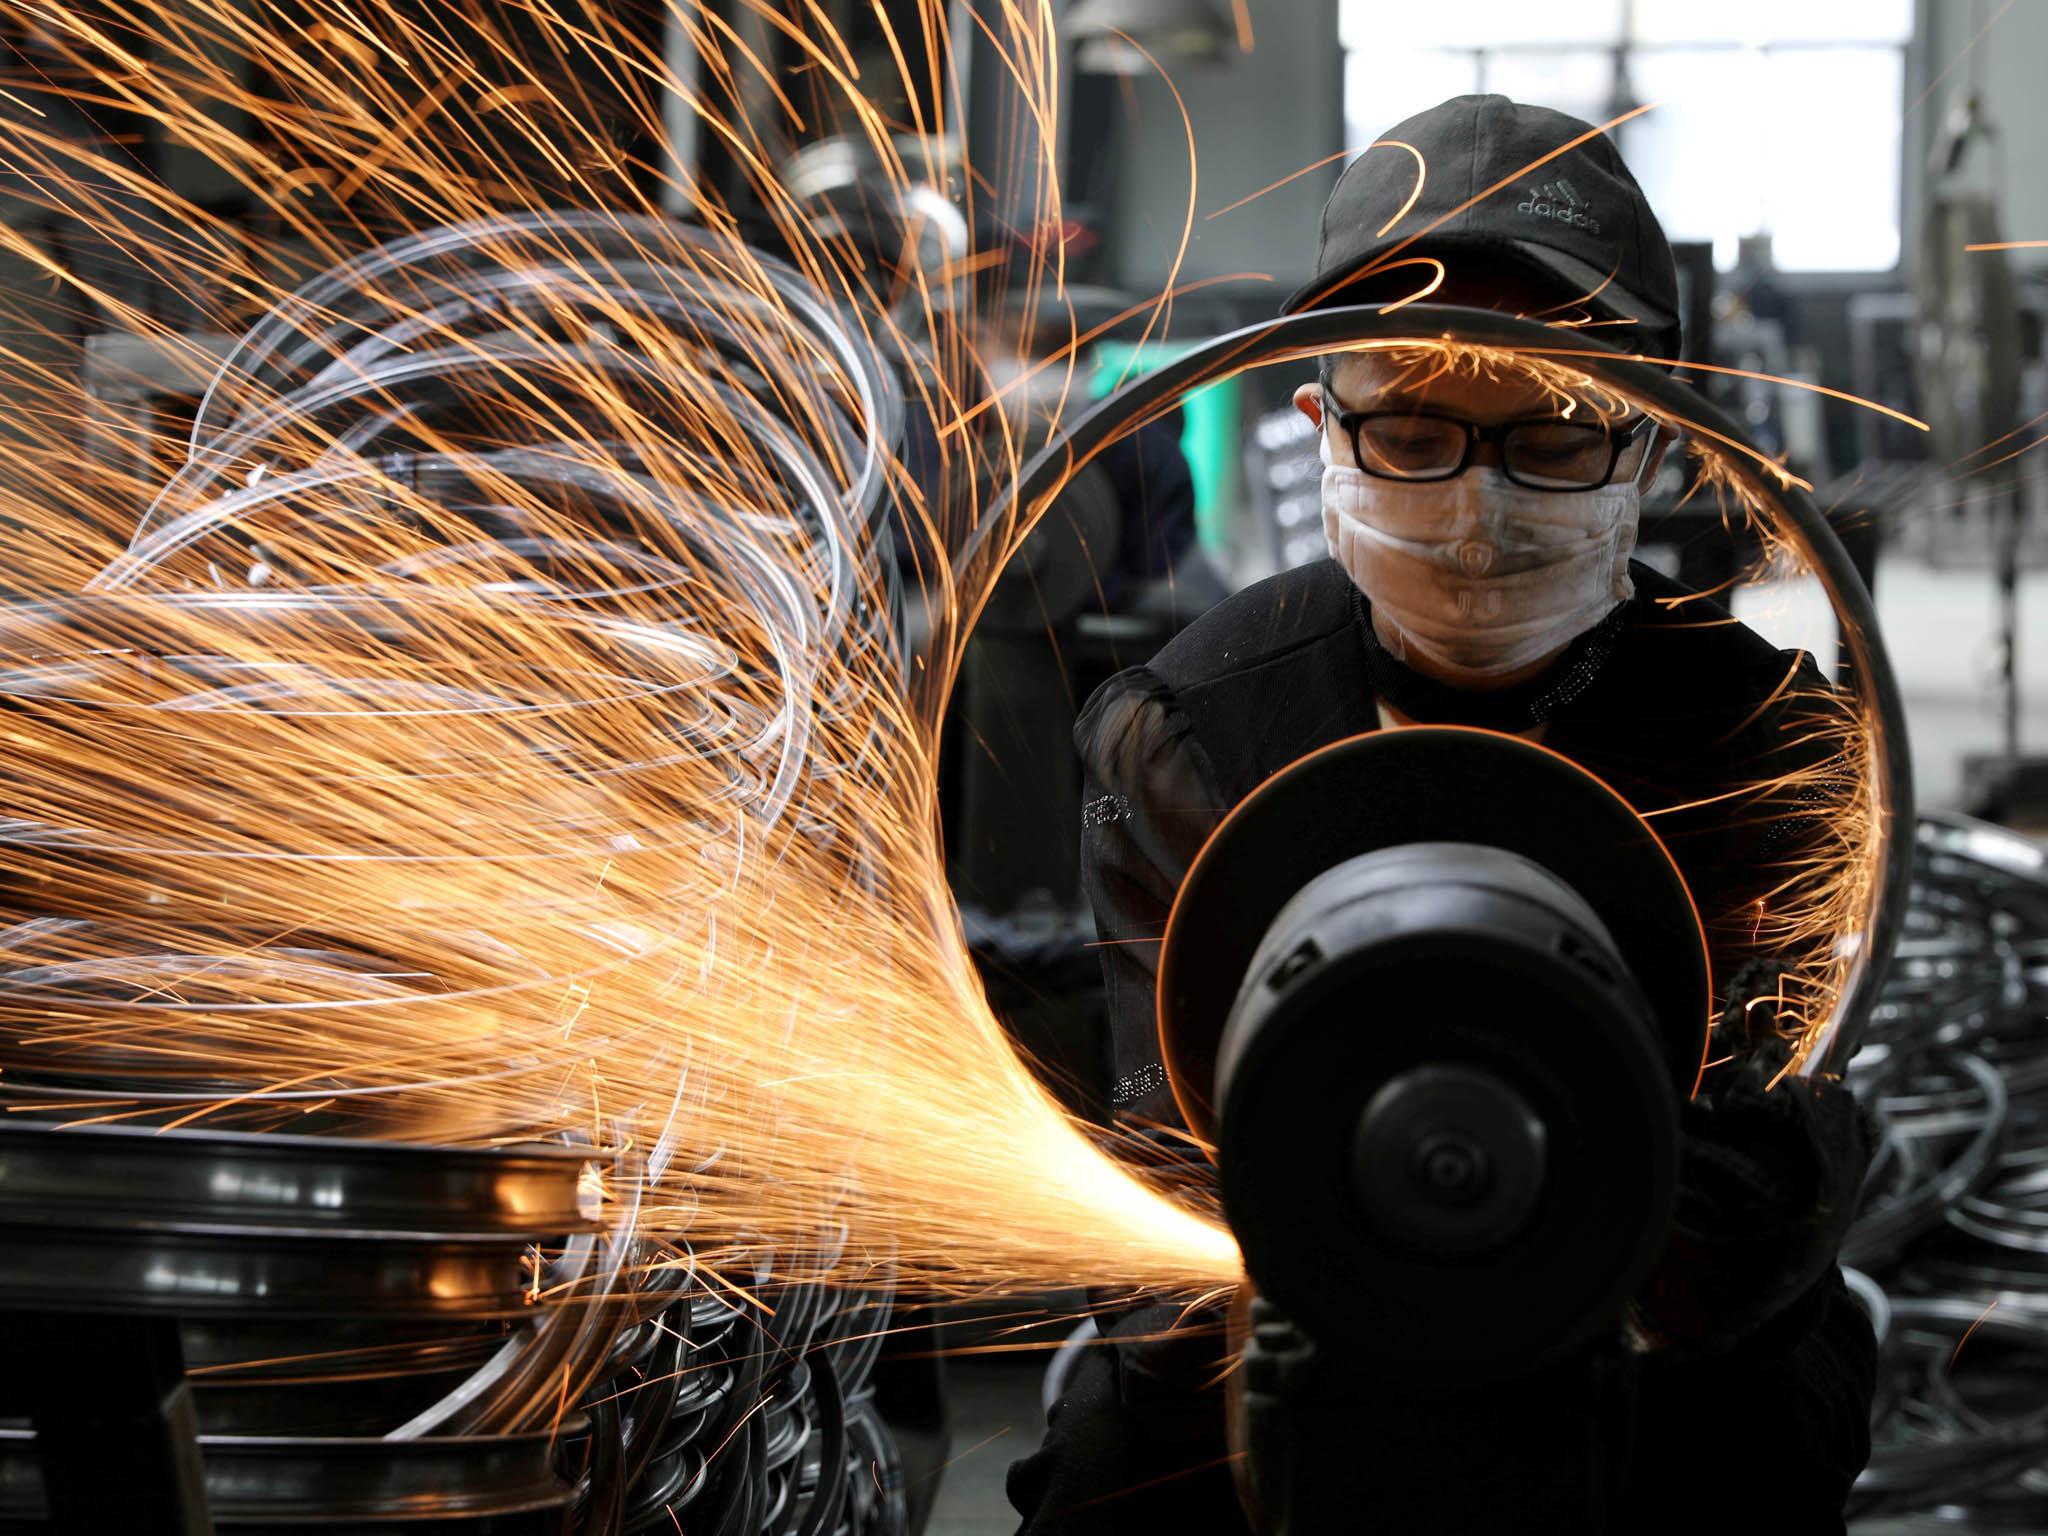 Světová ekonomika letos klesne o4,2 procenta, ta česká pak ažo6,8 procenta. Předpovídá to nejnovější prognózaOrganizace prohospodářskou spolupráci arozvoj (OECD).